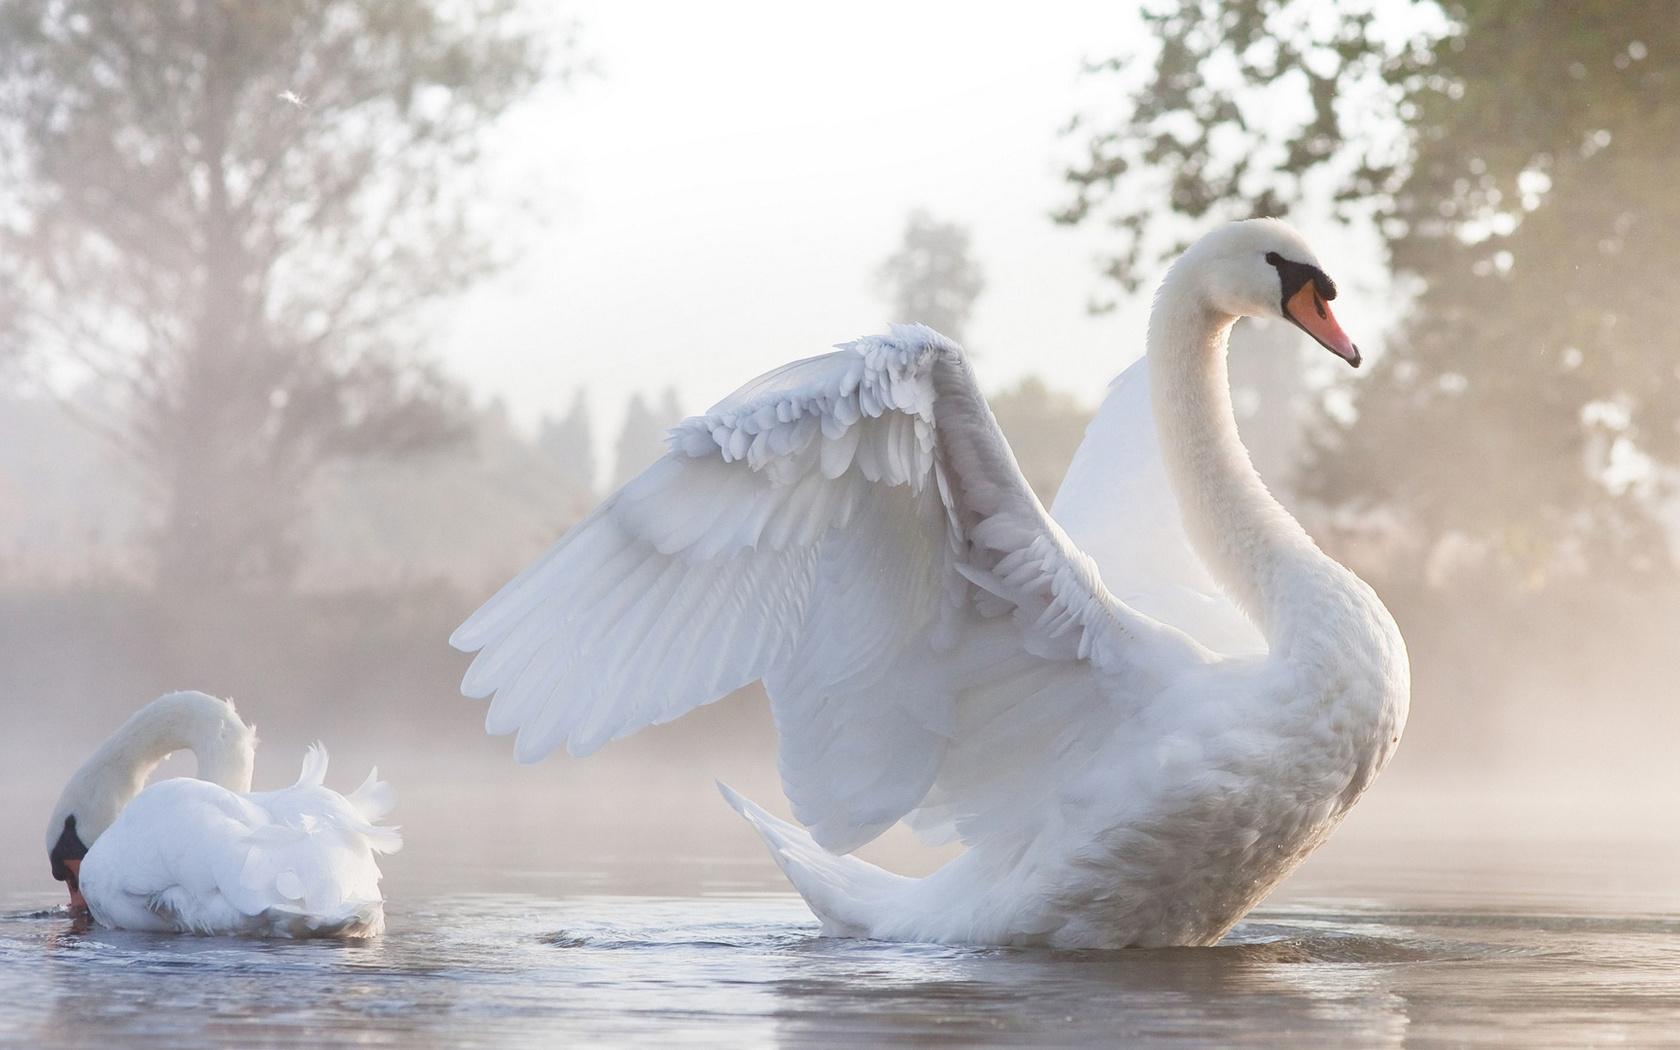 кормлении белая птица любви картинки идеально впишется дорогую